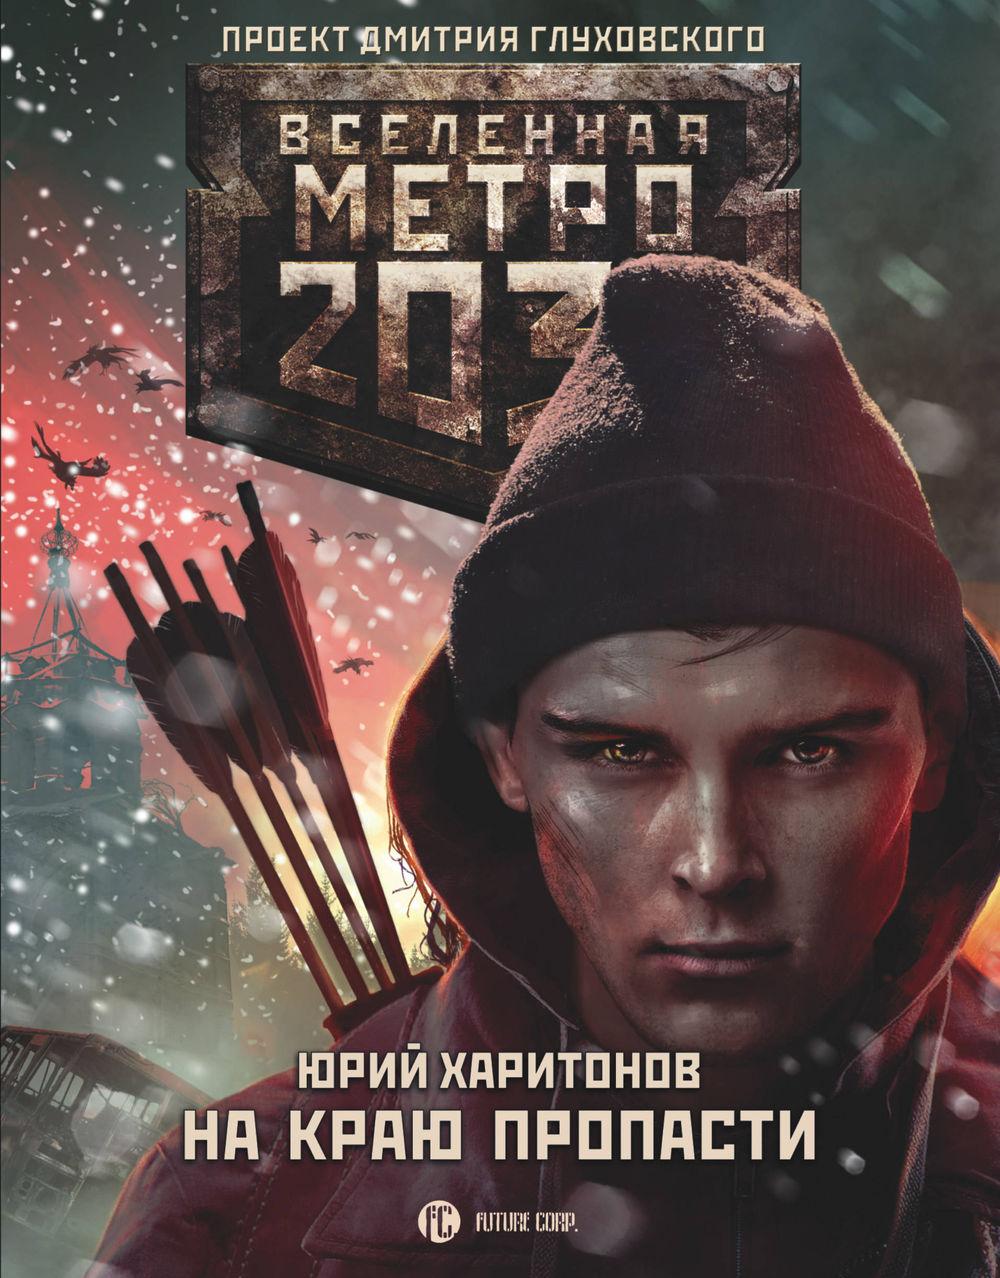 Купить Метро 2033. На краю пропасти, Юрий Харитонов, 978-5-17-103196-1